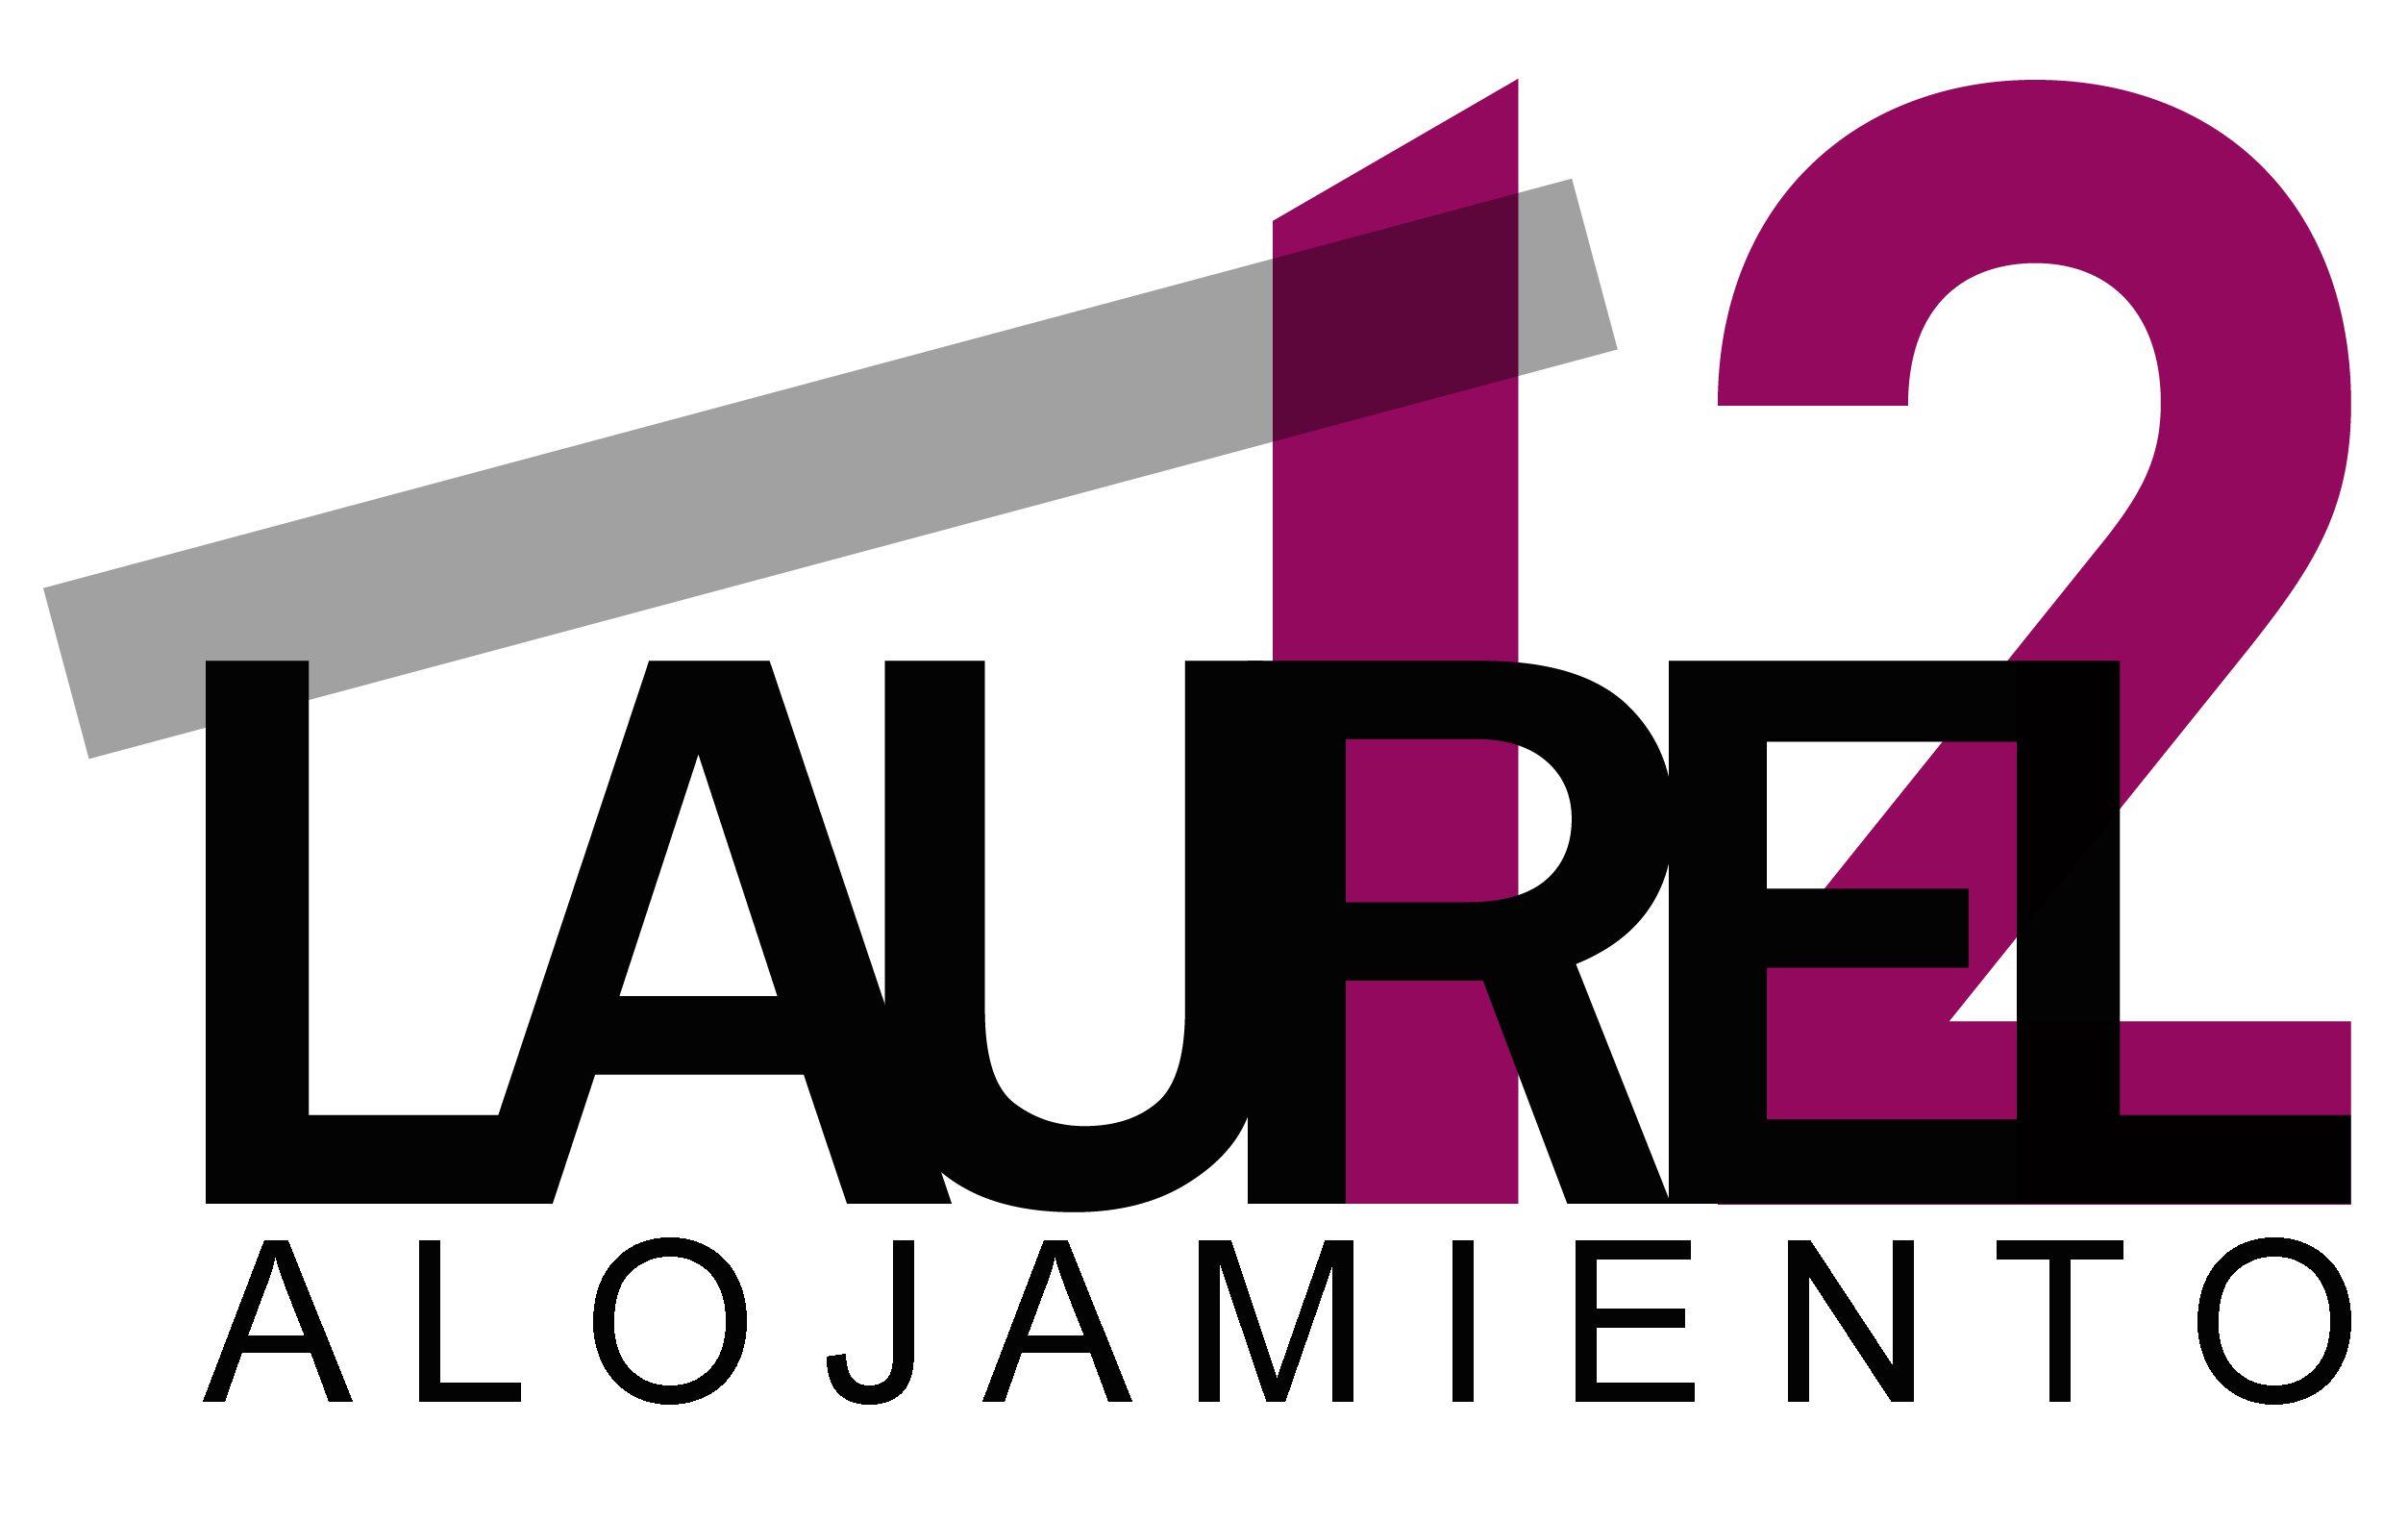 Alojamiento Laurel 12